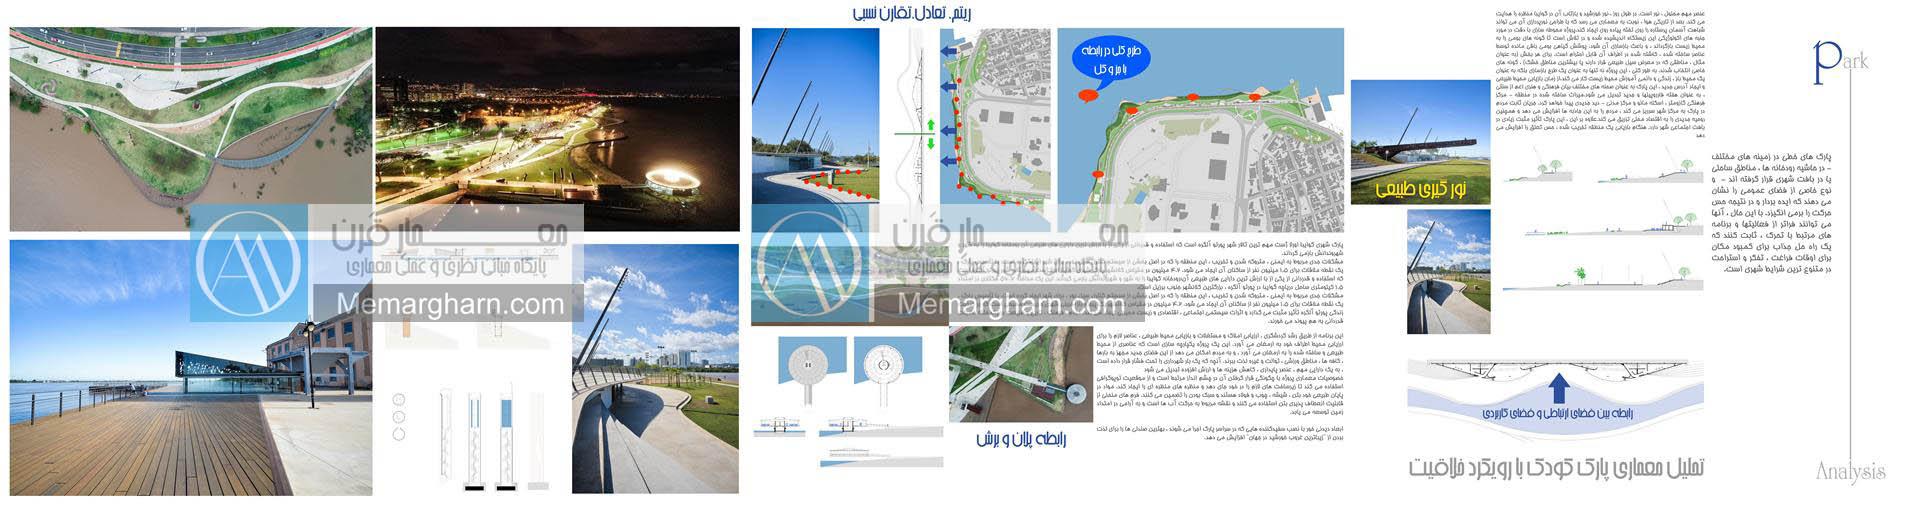 طراحی لنداسکیپ و منظر شهری